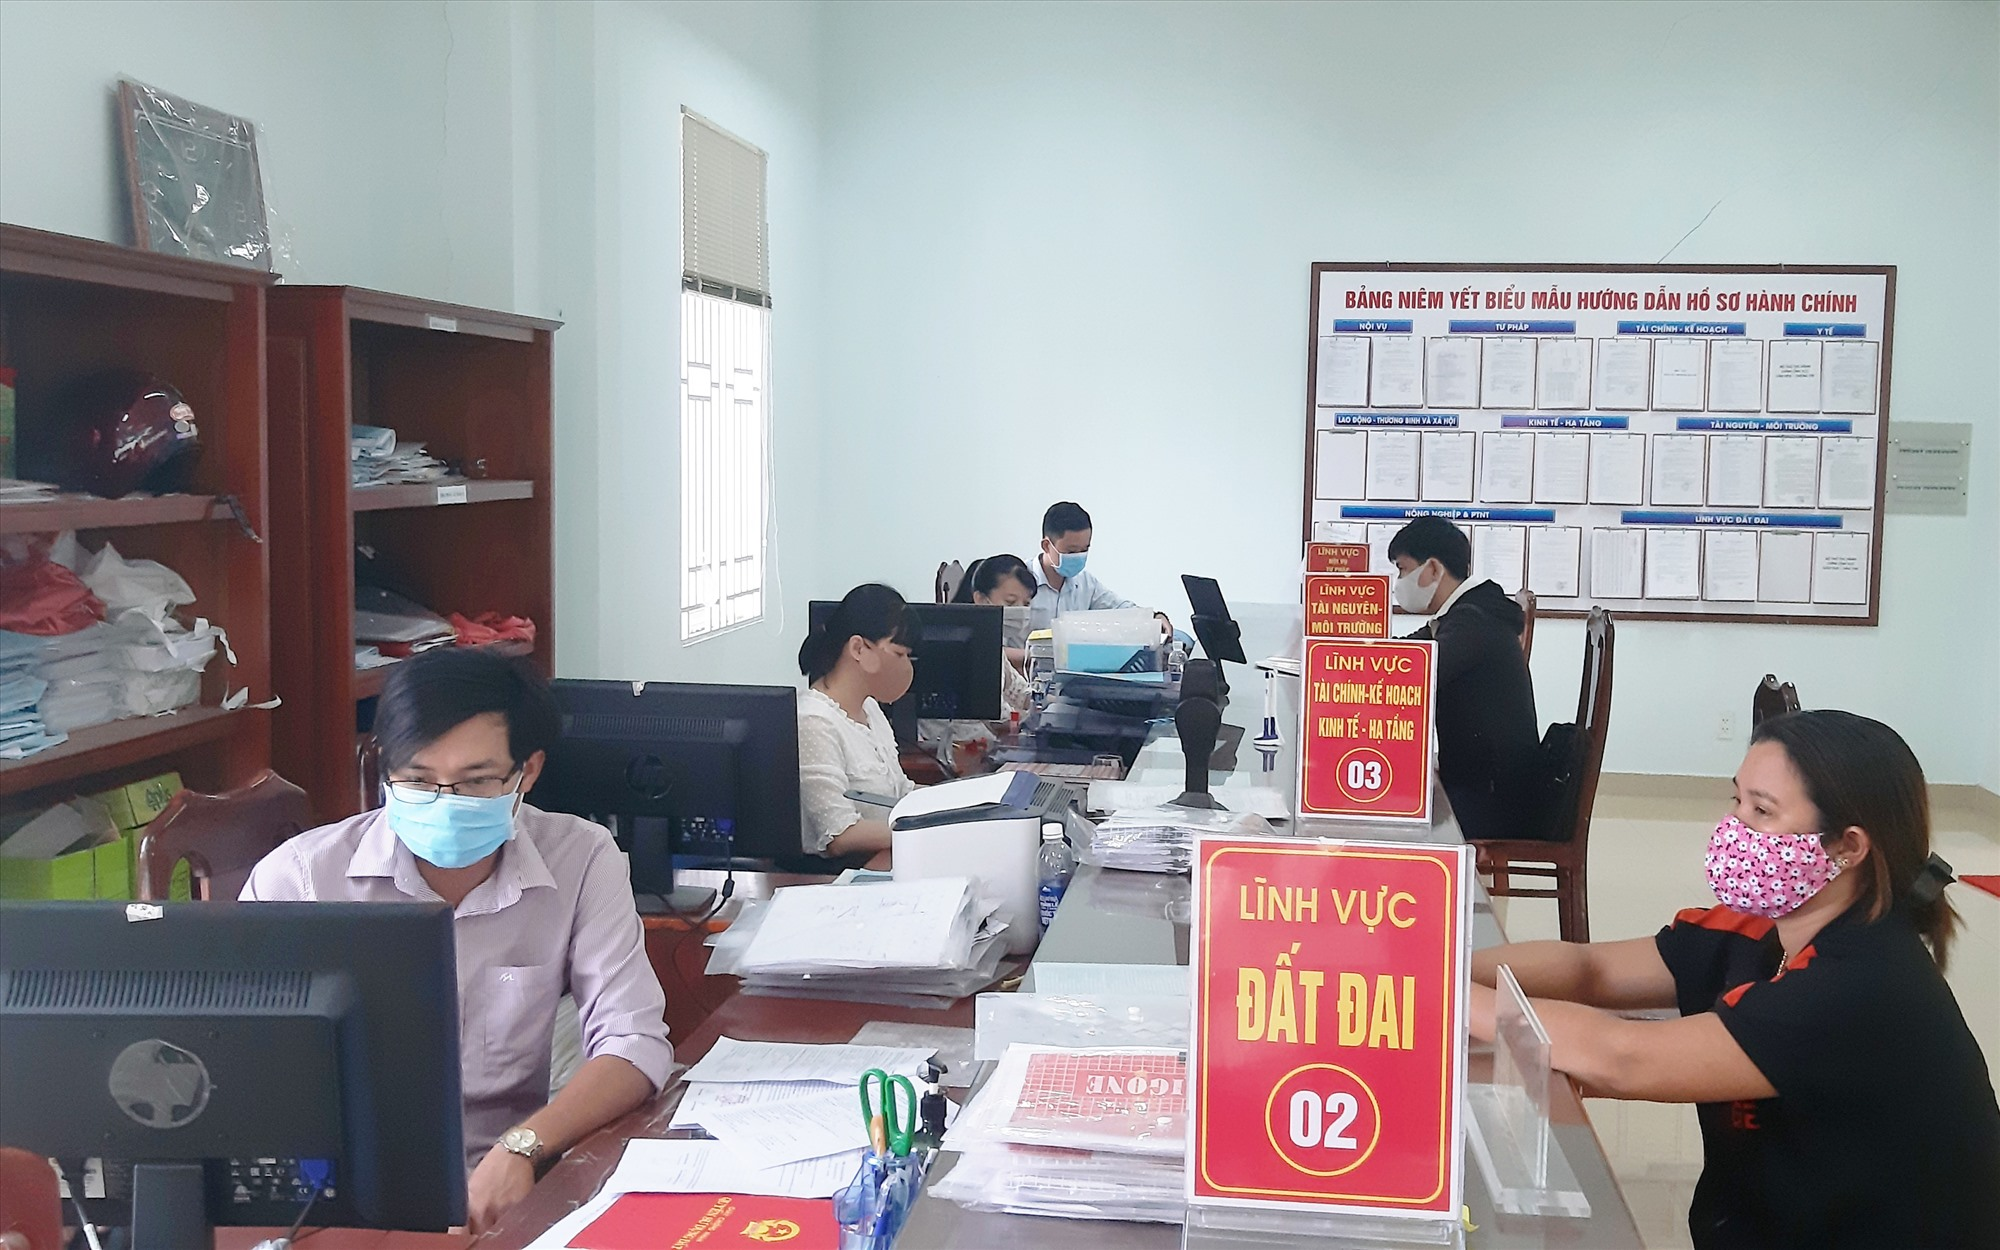 Đội ngũ cán bộ huyện Duy Xuyên luôn nỗ lực hoàn thành tốt nhiệm vụ được giao. Ảnh: HOÀI NHI